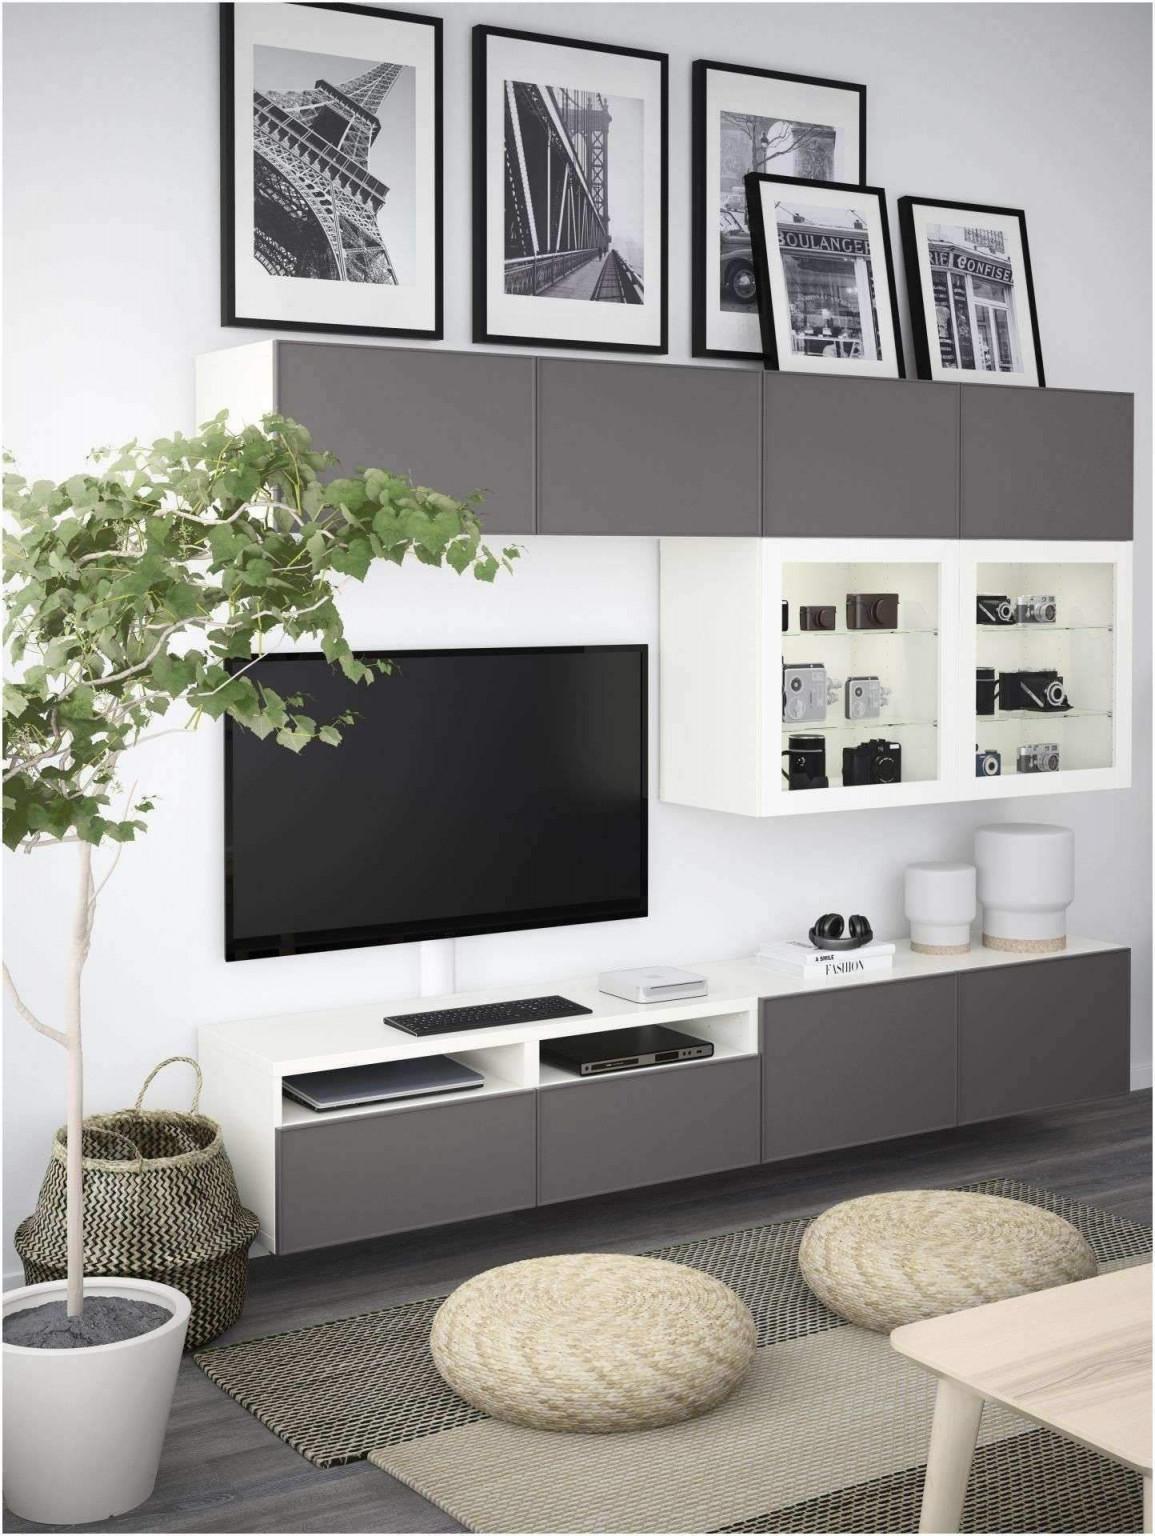 35 Genial Kleines Wohnzimmer Einrichten Ikea Luxus von Wohnzimmer Einrichten Klein Photo